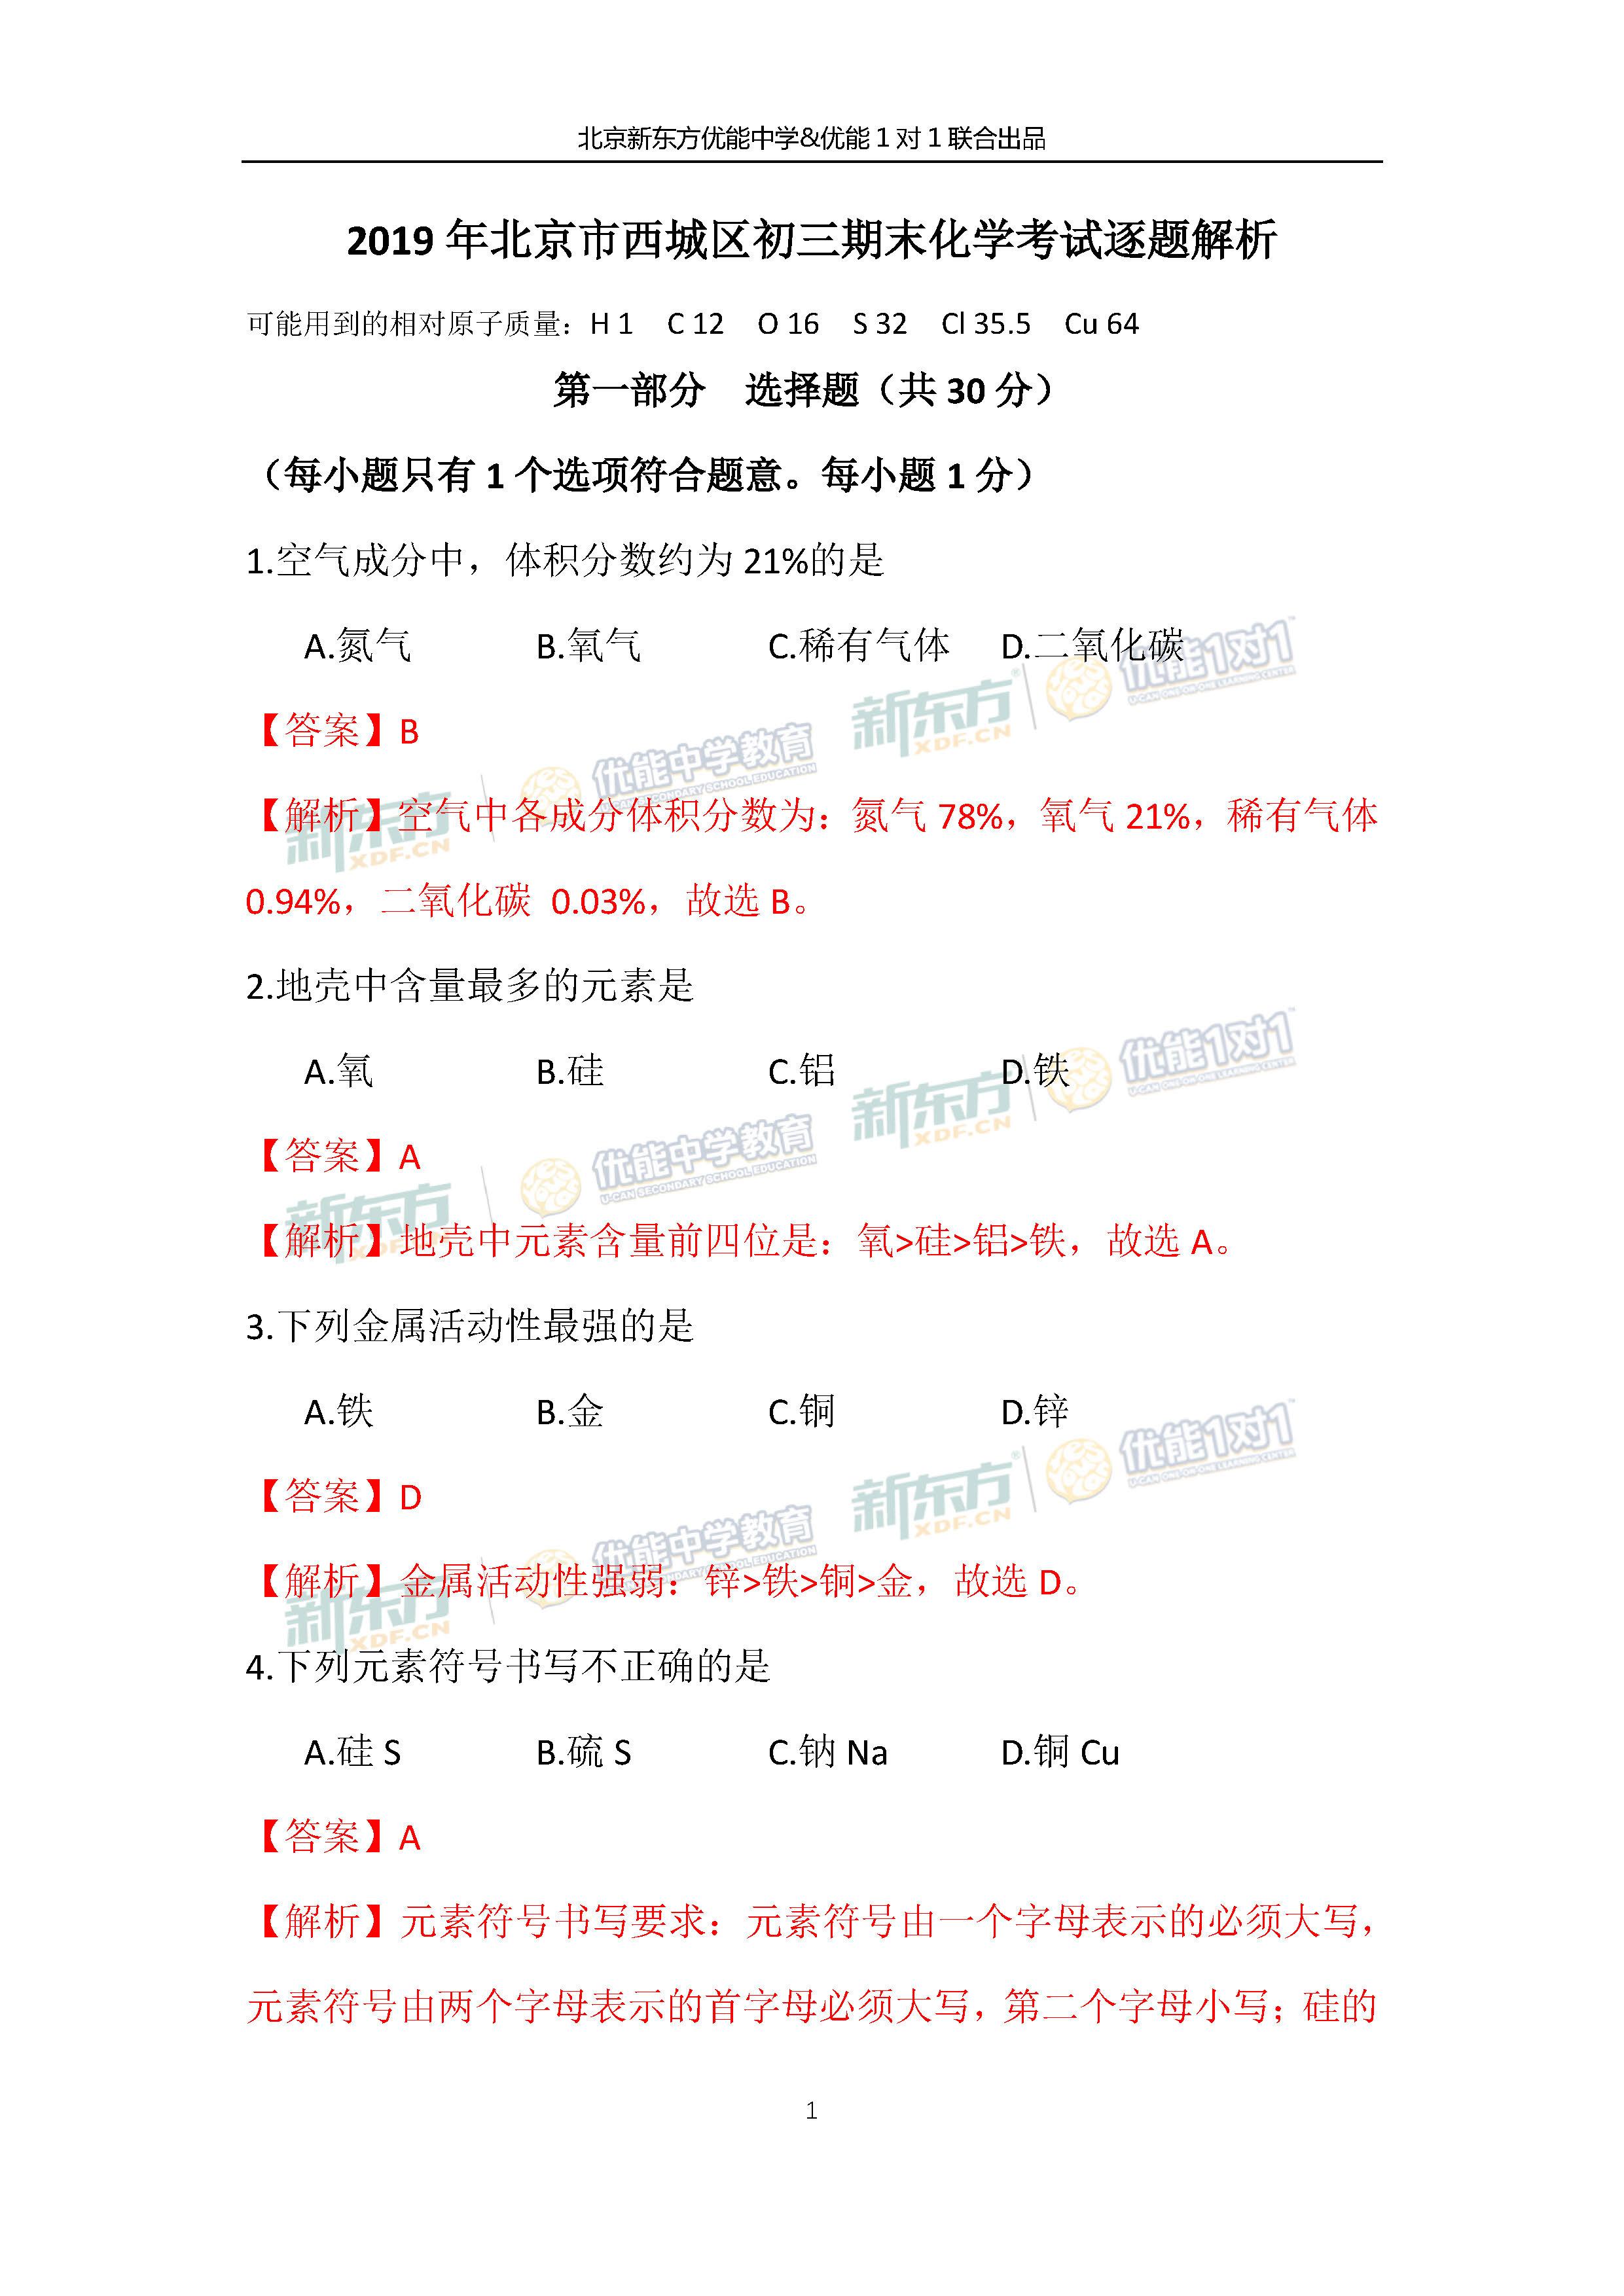 2019年1月北京西城初三上化学期末试题答案逐题解析